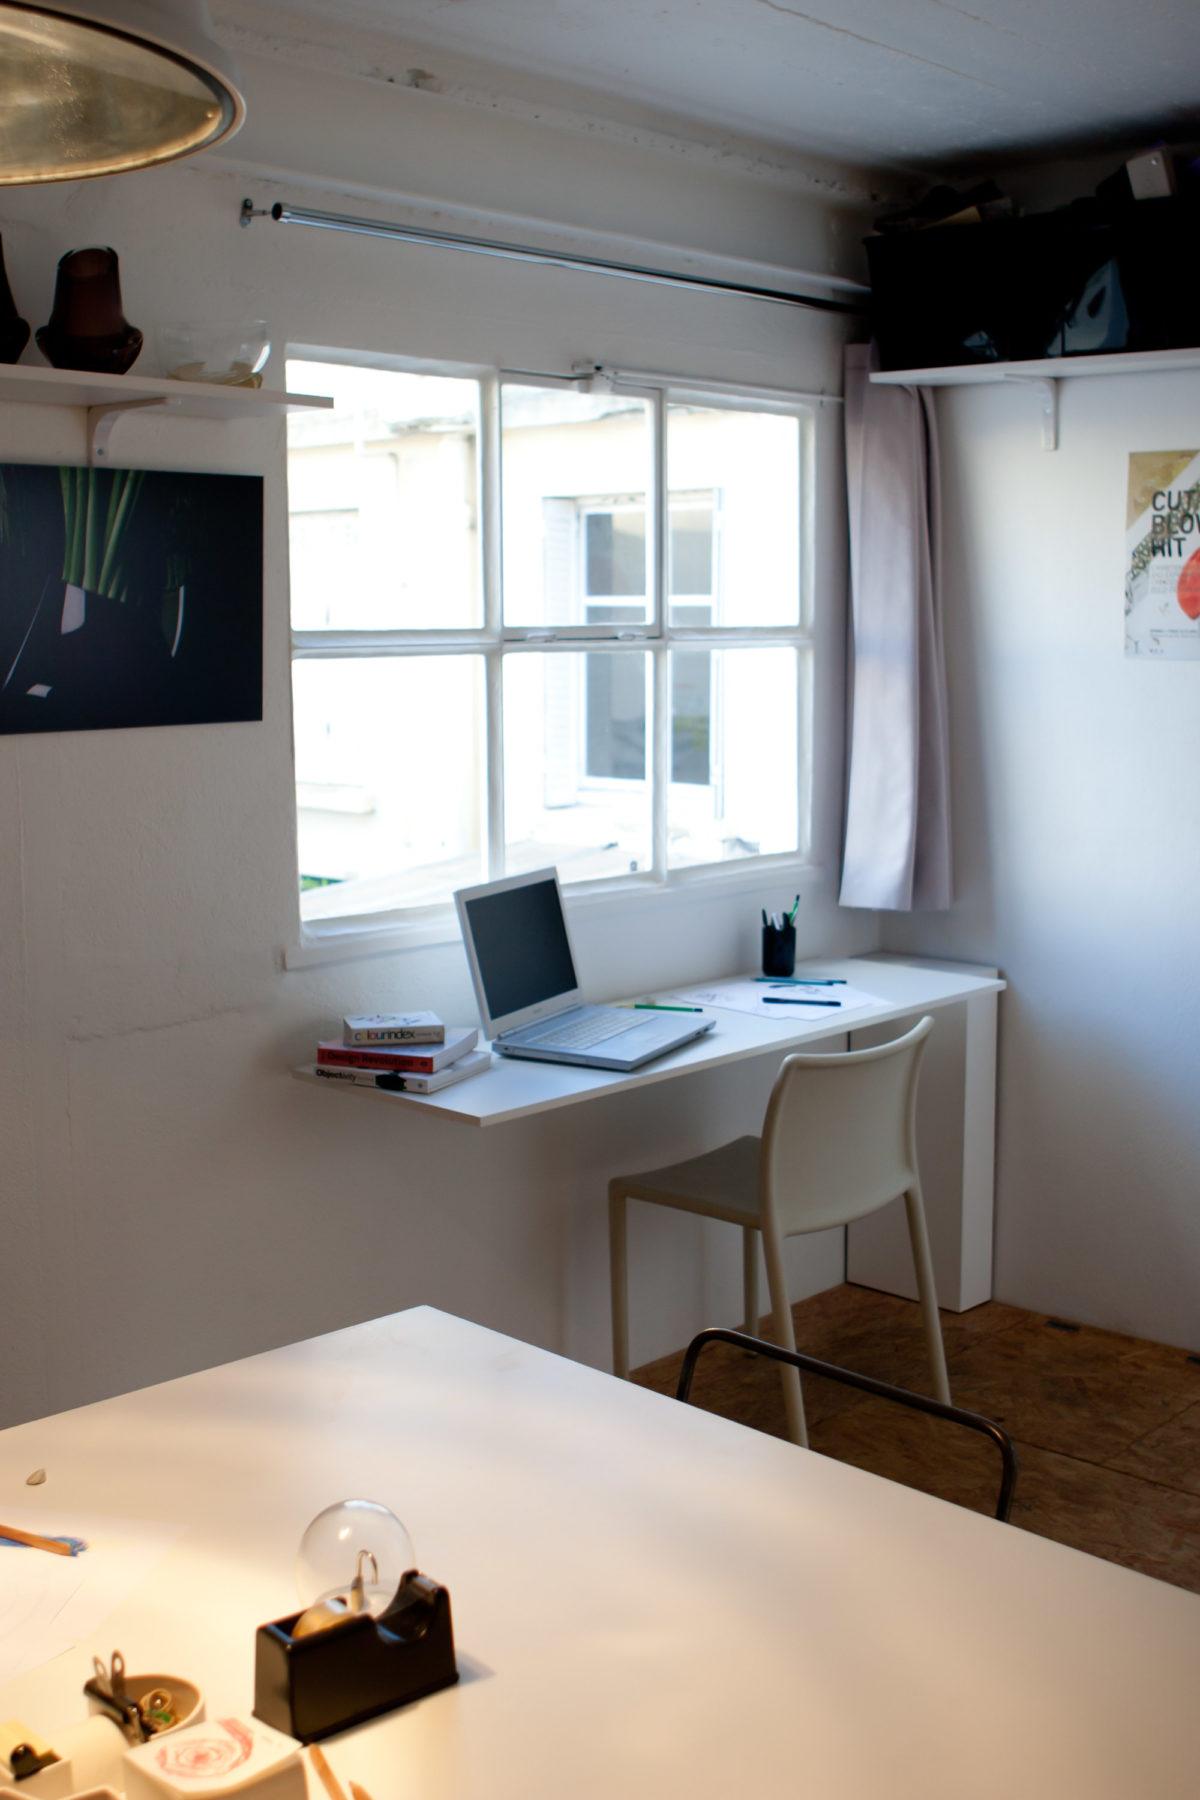 atelier sur les toits - bureau transformable - photo Marie Guerre